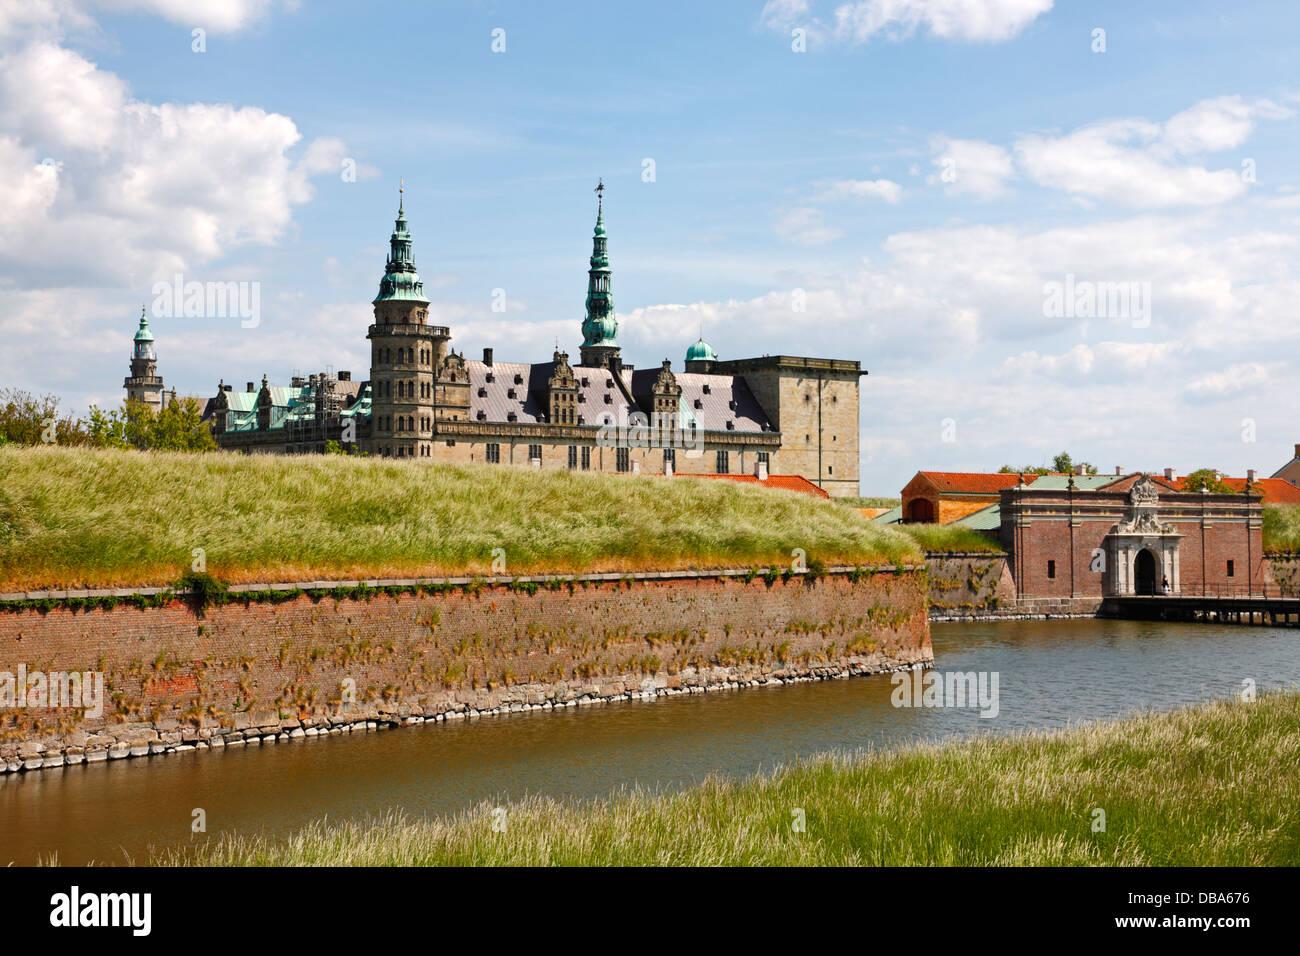 El castillo renacentista de Kronborg en Elsinor, Dinamarca, con la entrada principal y el foso protector en primer plano. Foto de stock